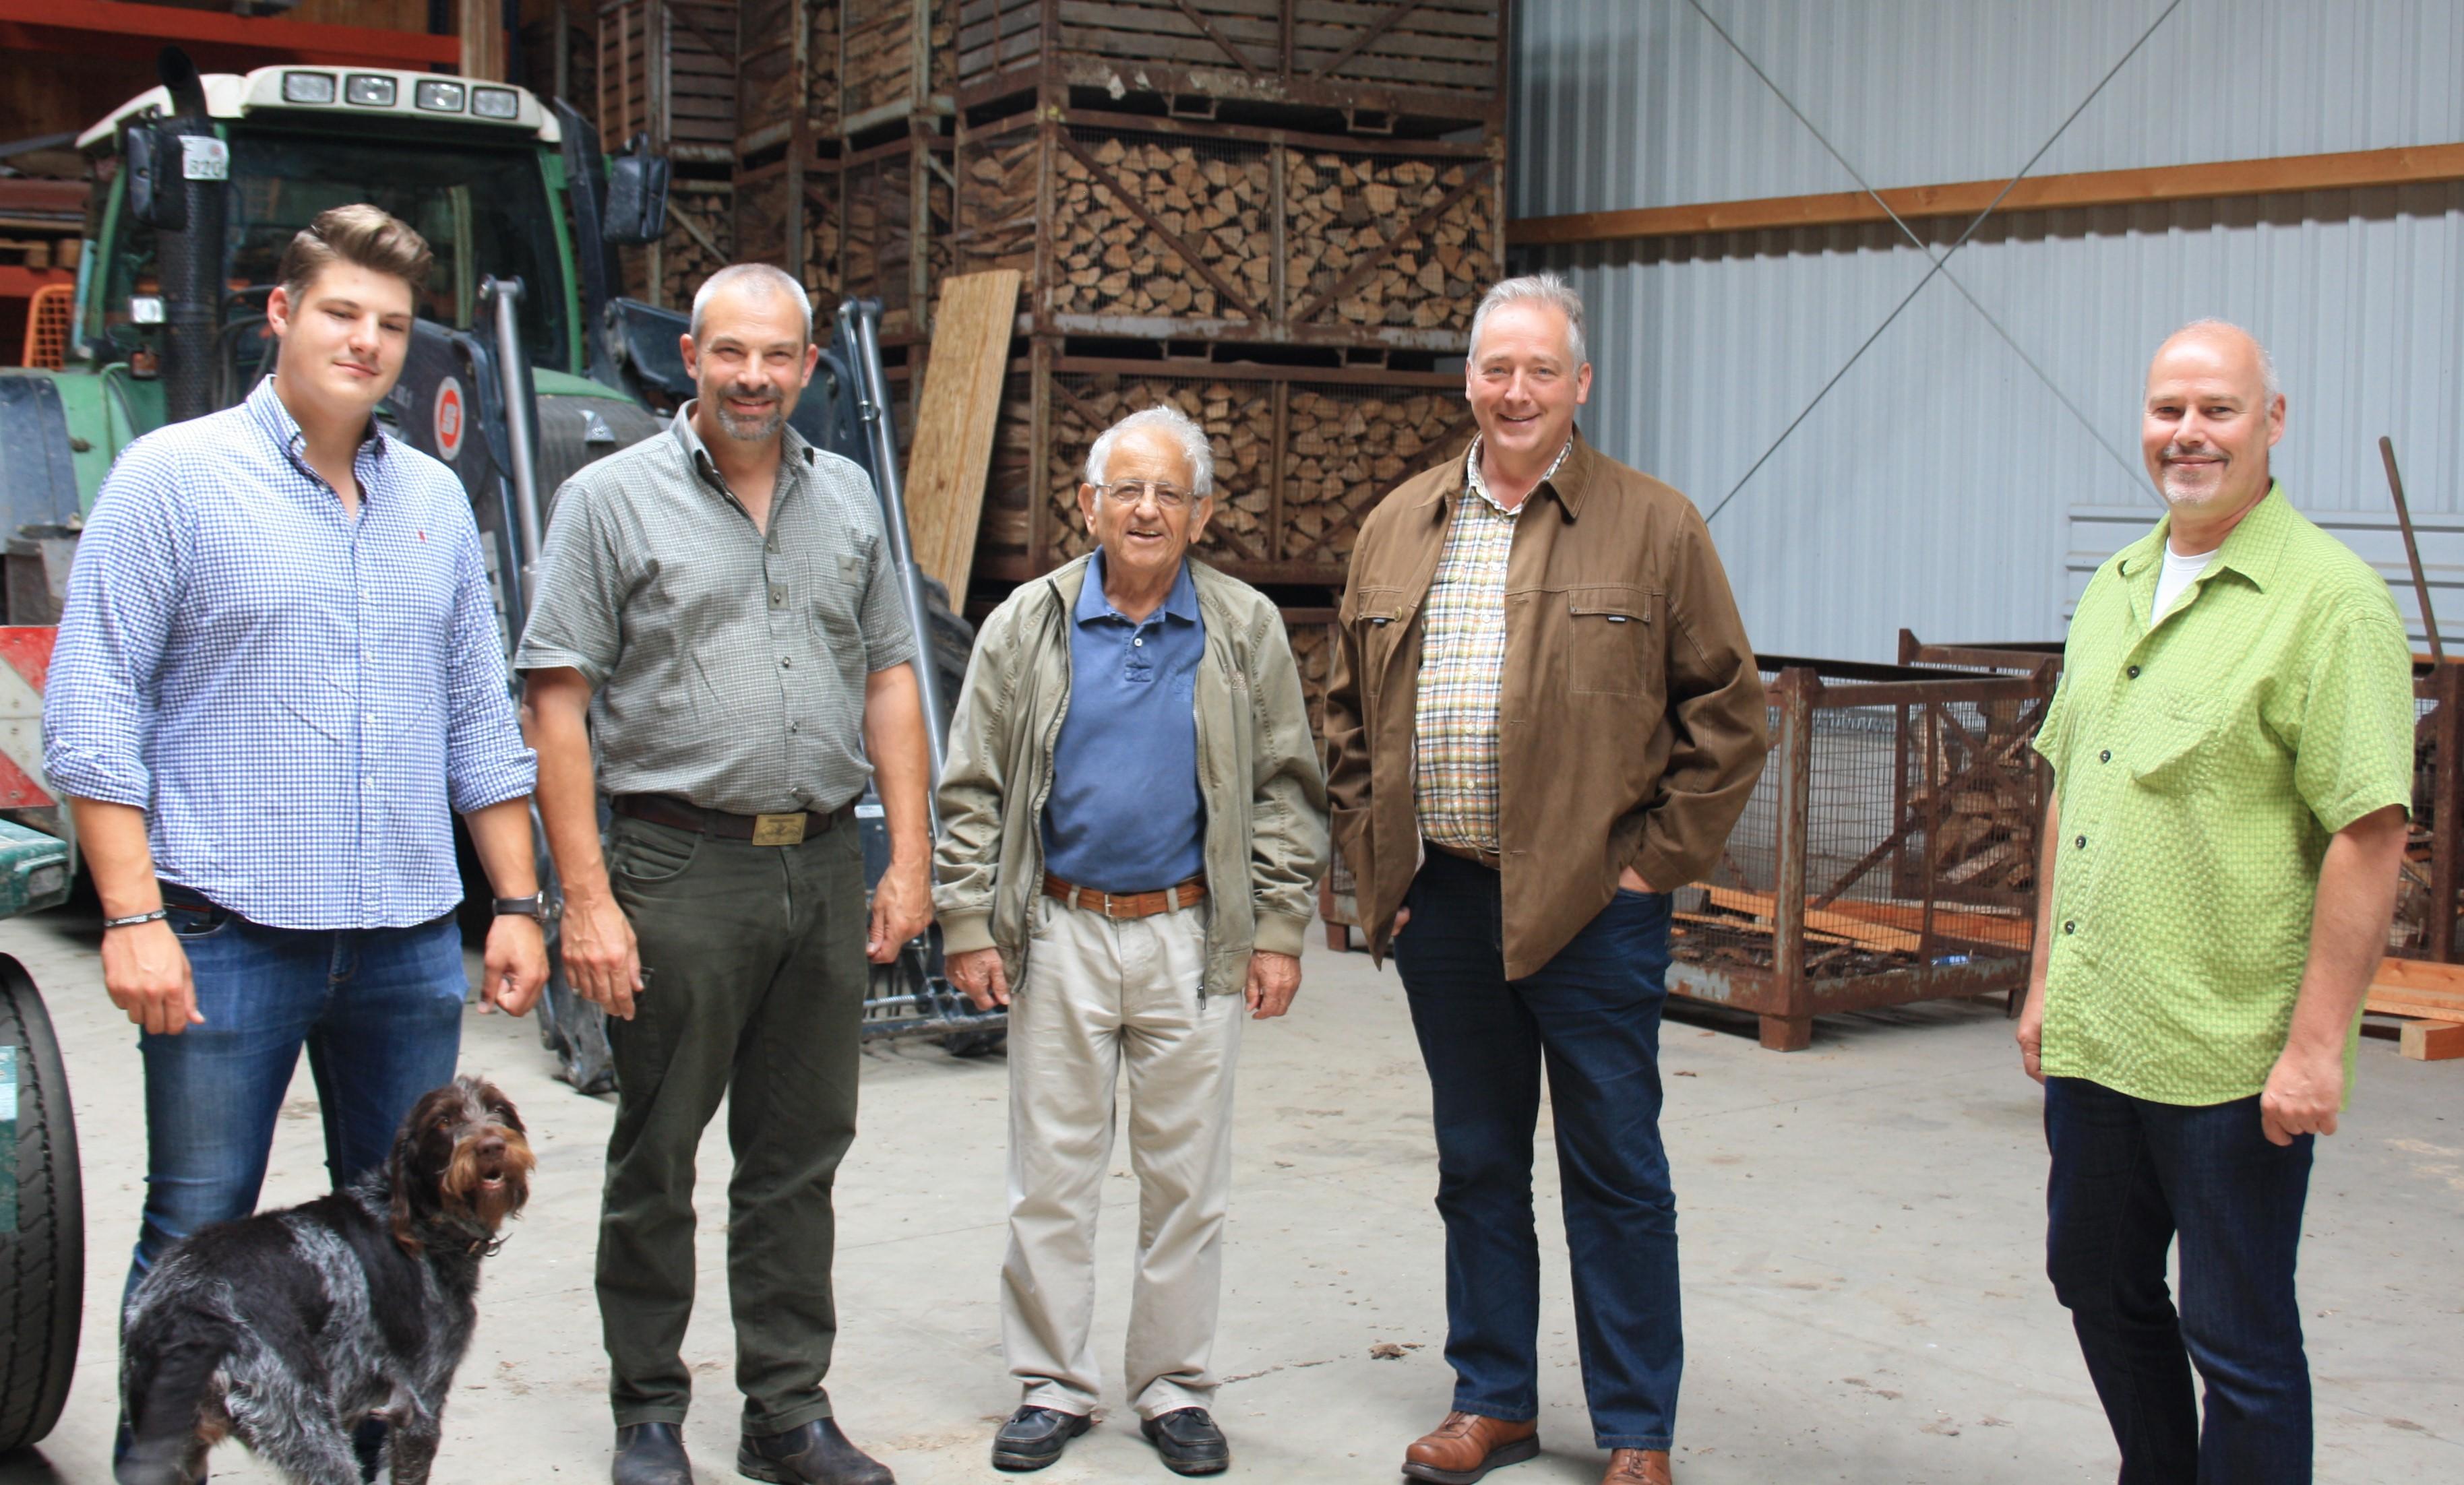 v.l. Lennard Curland, Torsten Curland, Johannes Wolframm, Frank Oesterhelweg und Karsten Ansorge in der neuen Betriebshalle